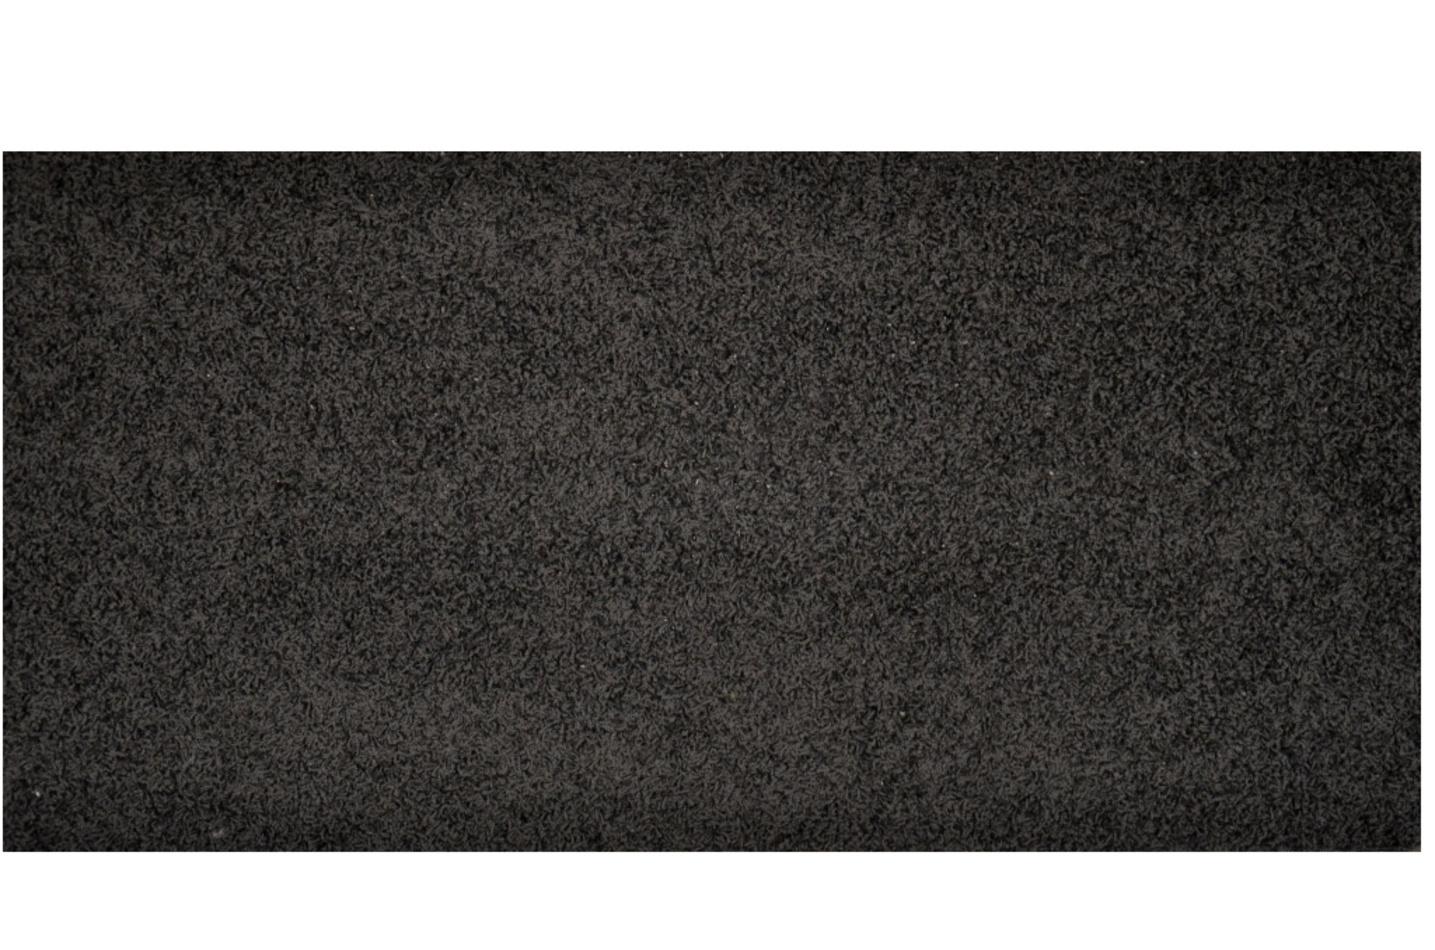 Vopi Kusový koberec Elite Shaggy čierna, 60 x 110 cm